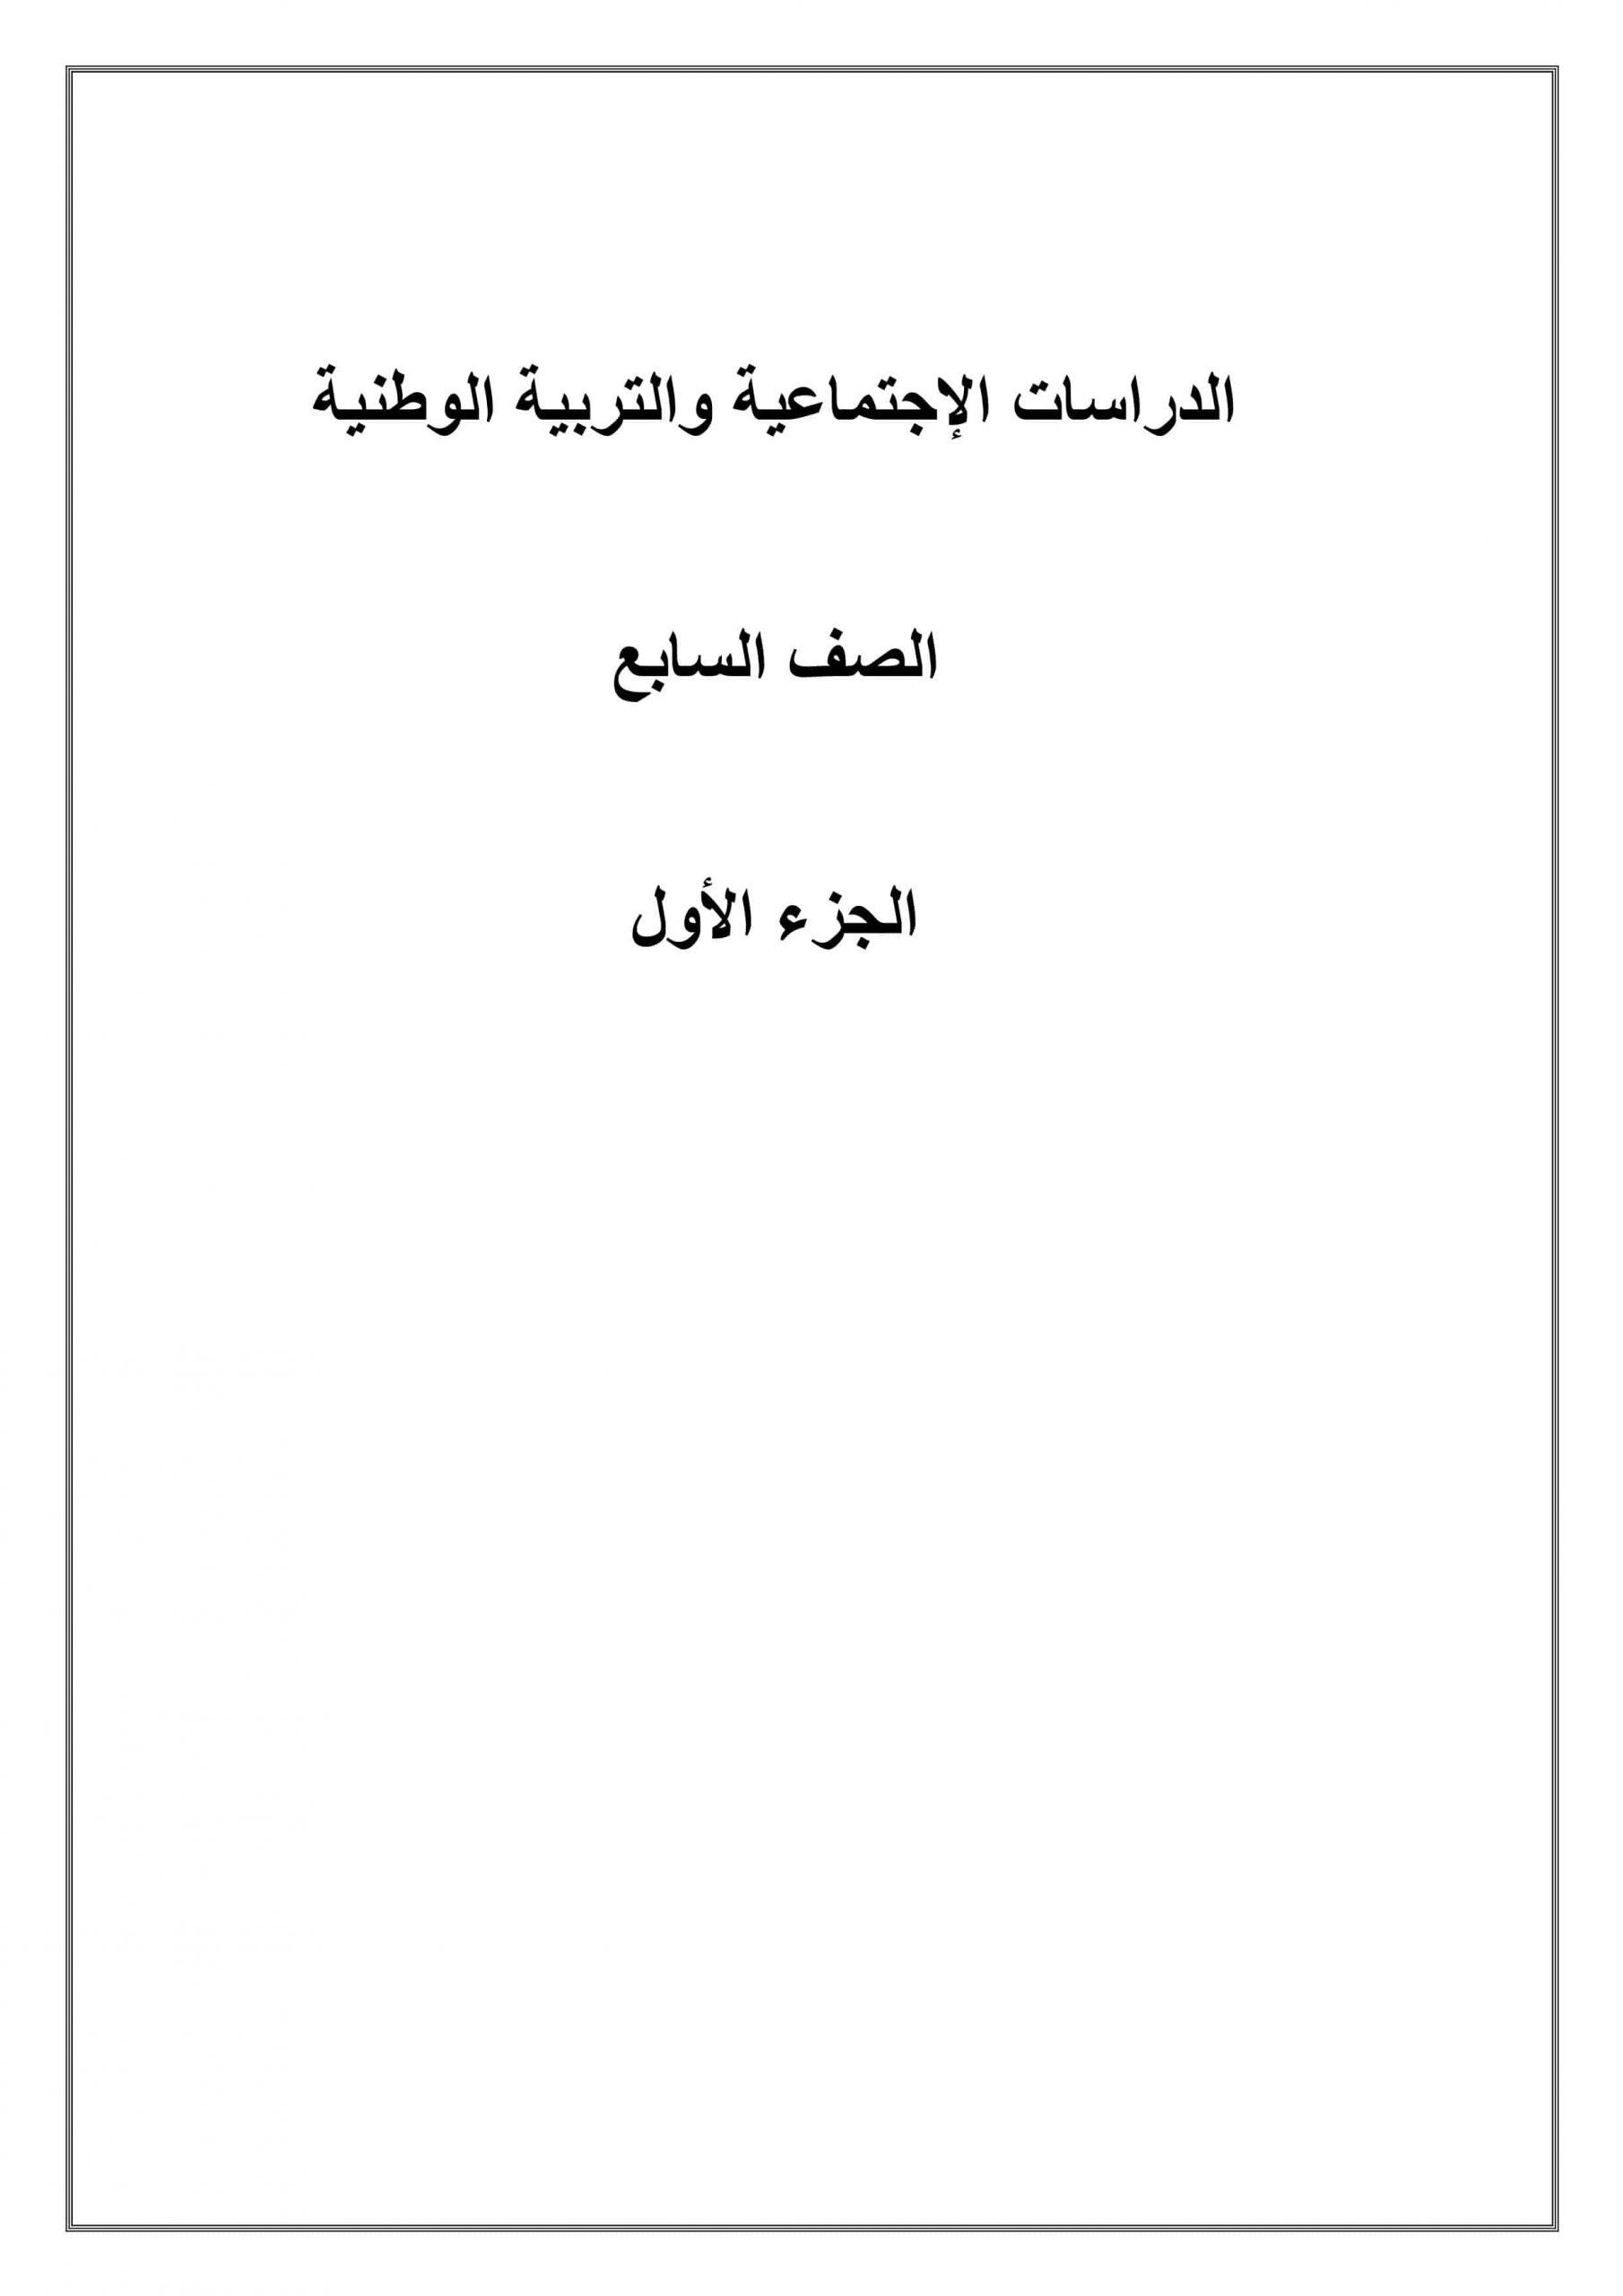 حل اوراق عمل الصف السابع مادة الدراسات الاجتماعية والتربية الوطنية